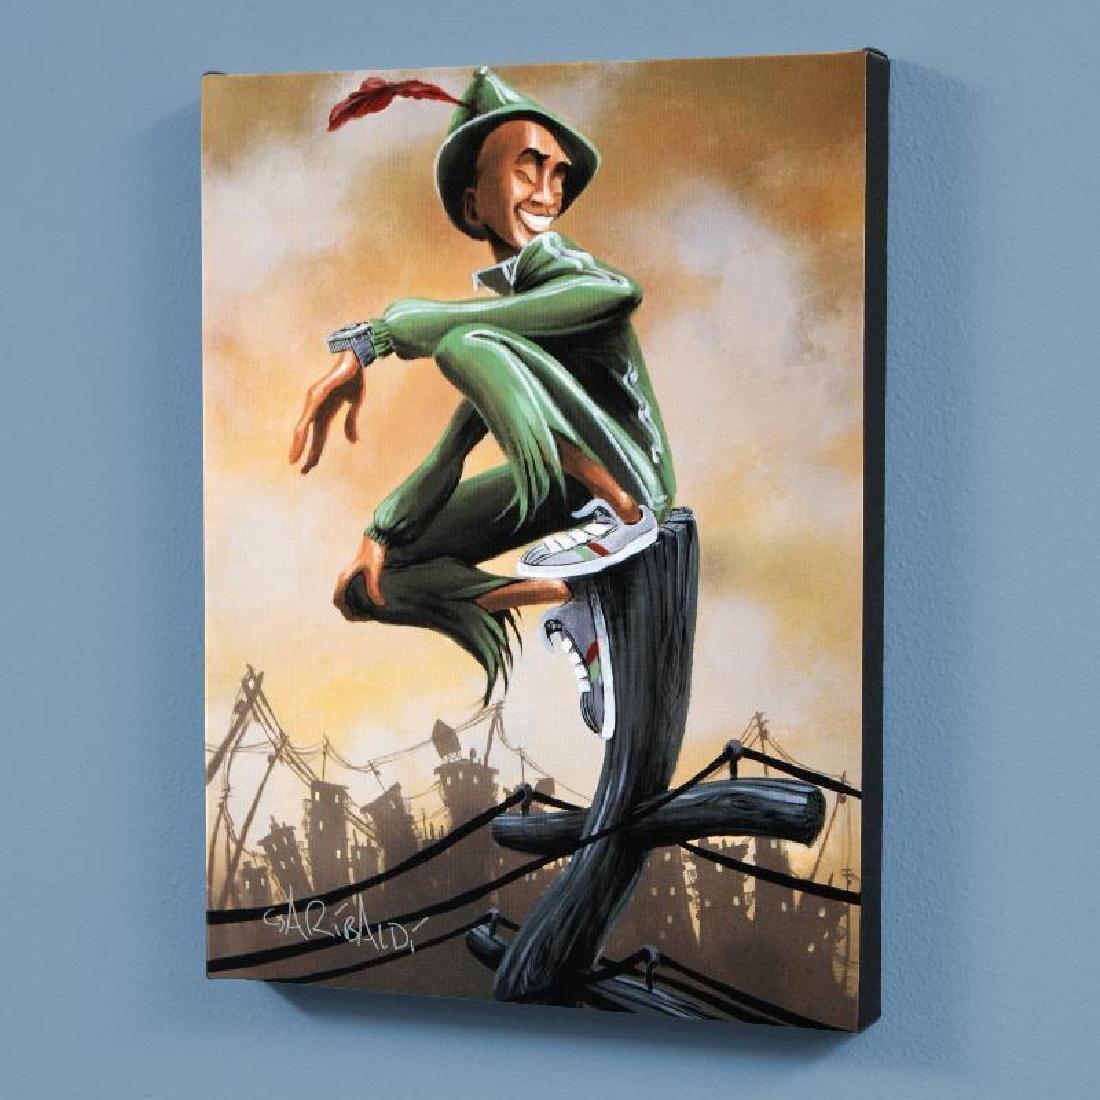 Peter Pan by Garibaldi, David - 3